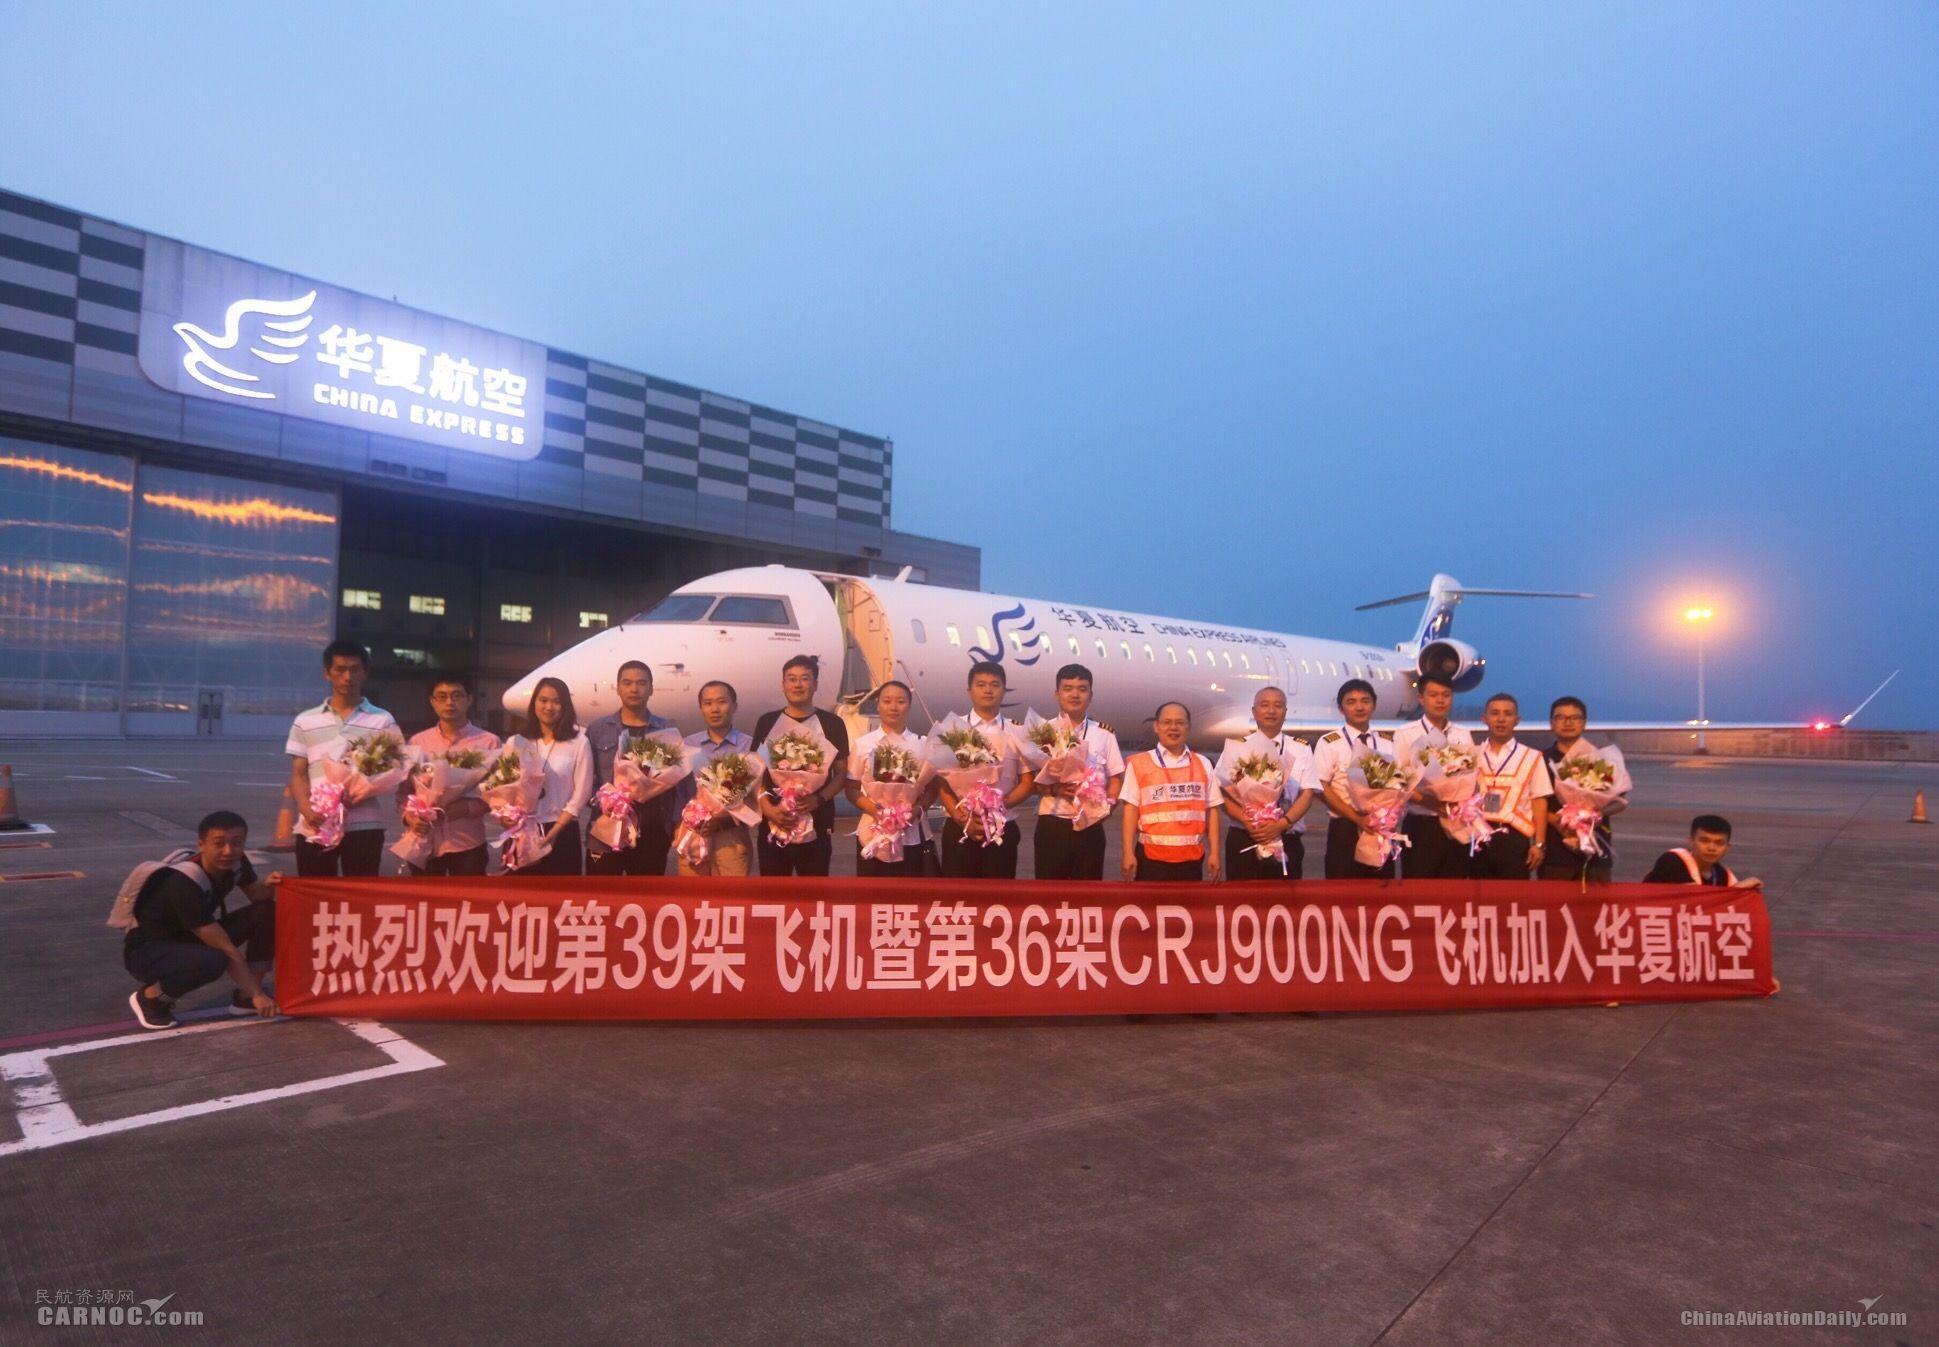 新飞机加盟 华夏航空机队规模增至39架